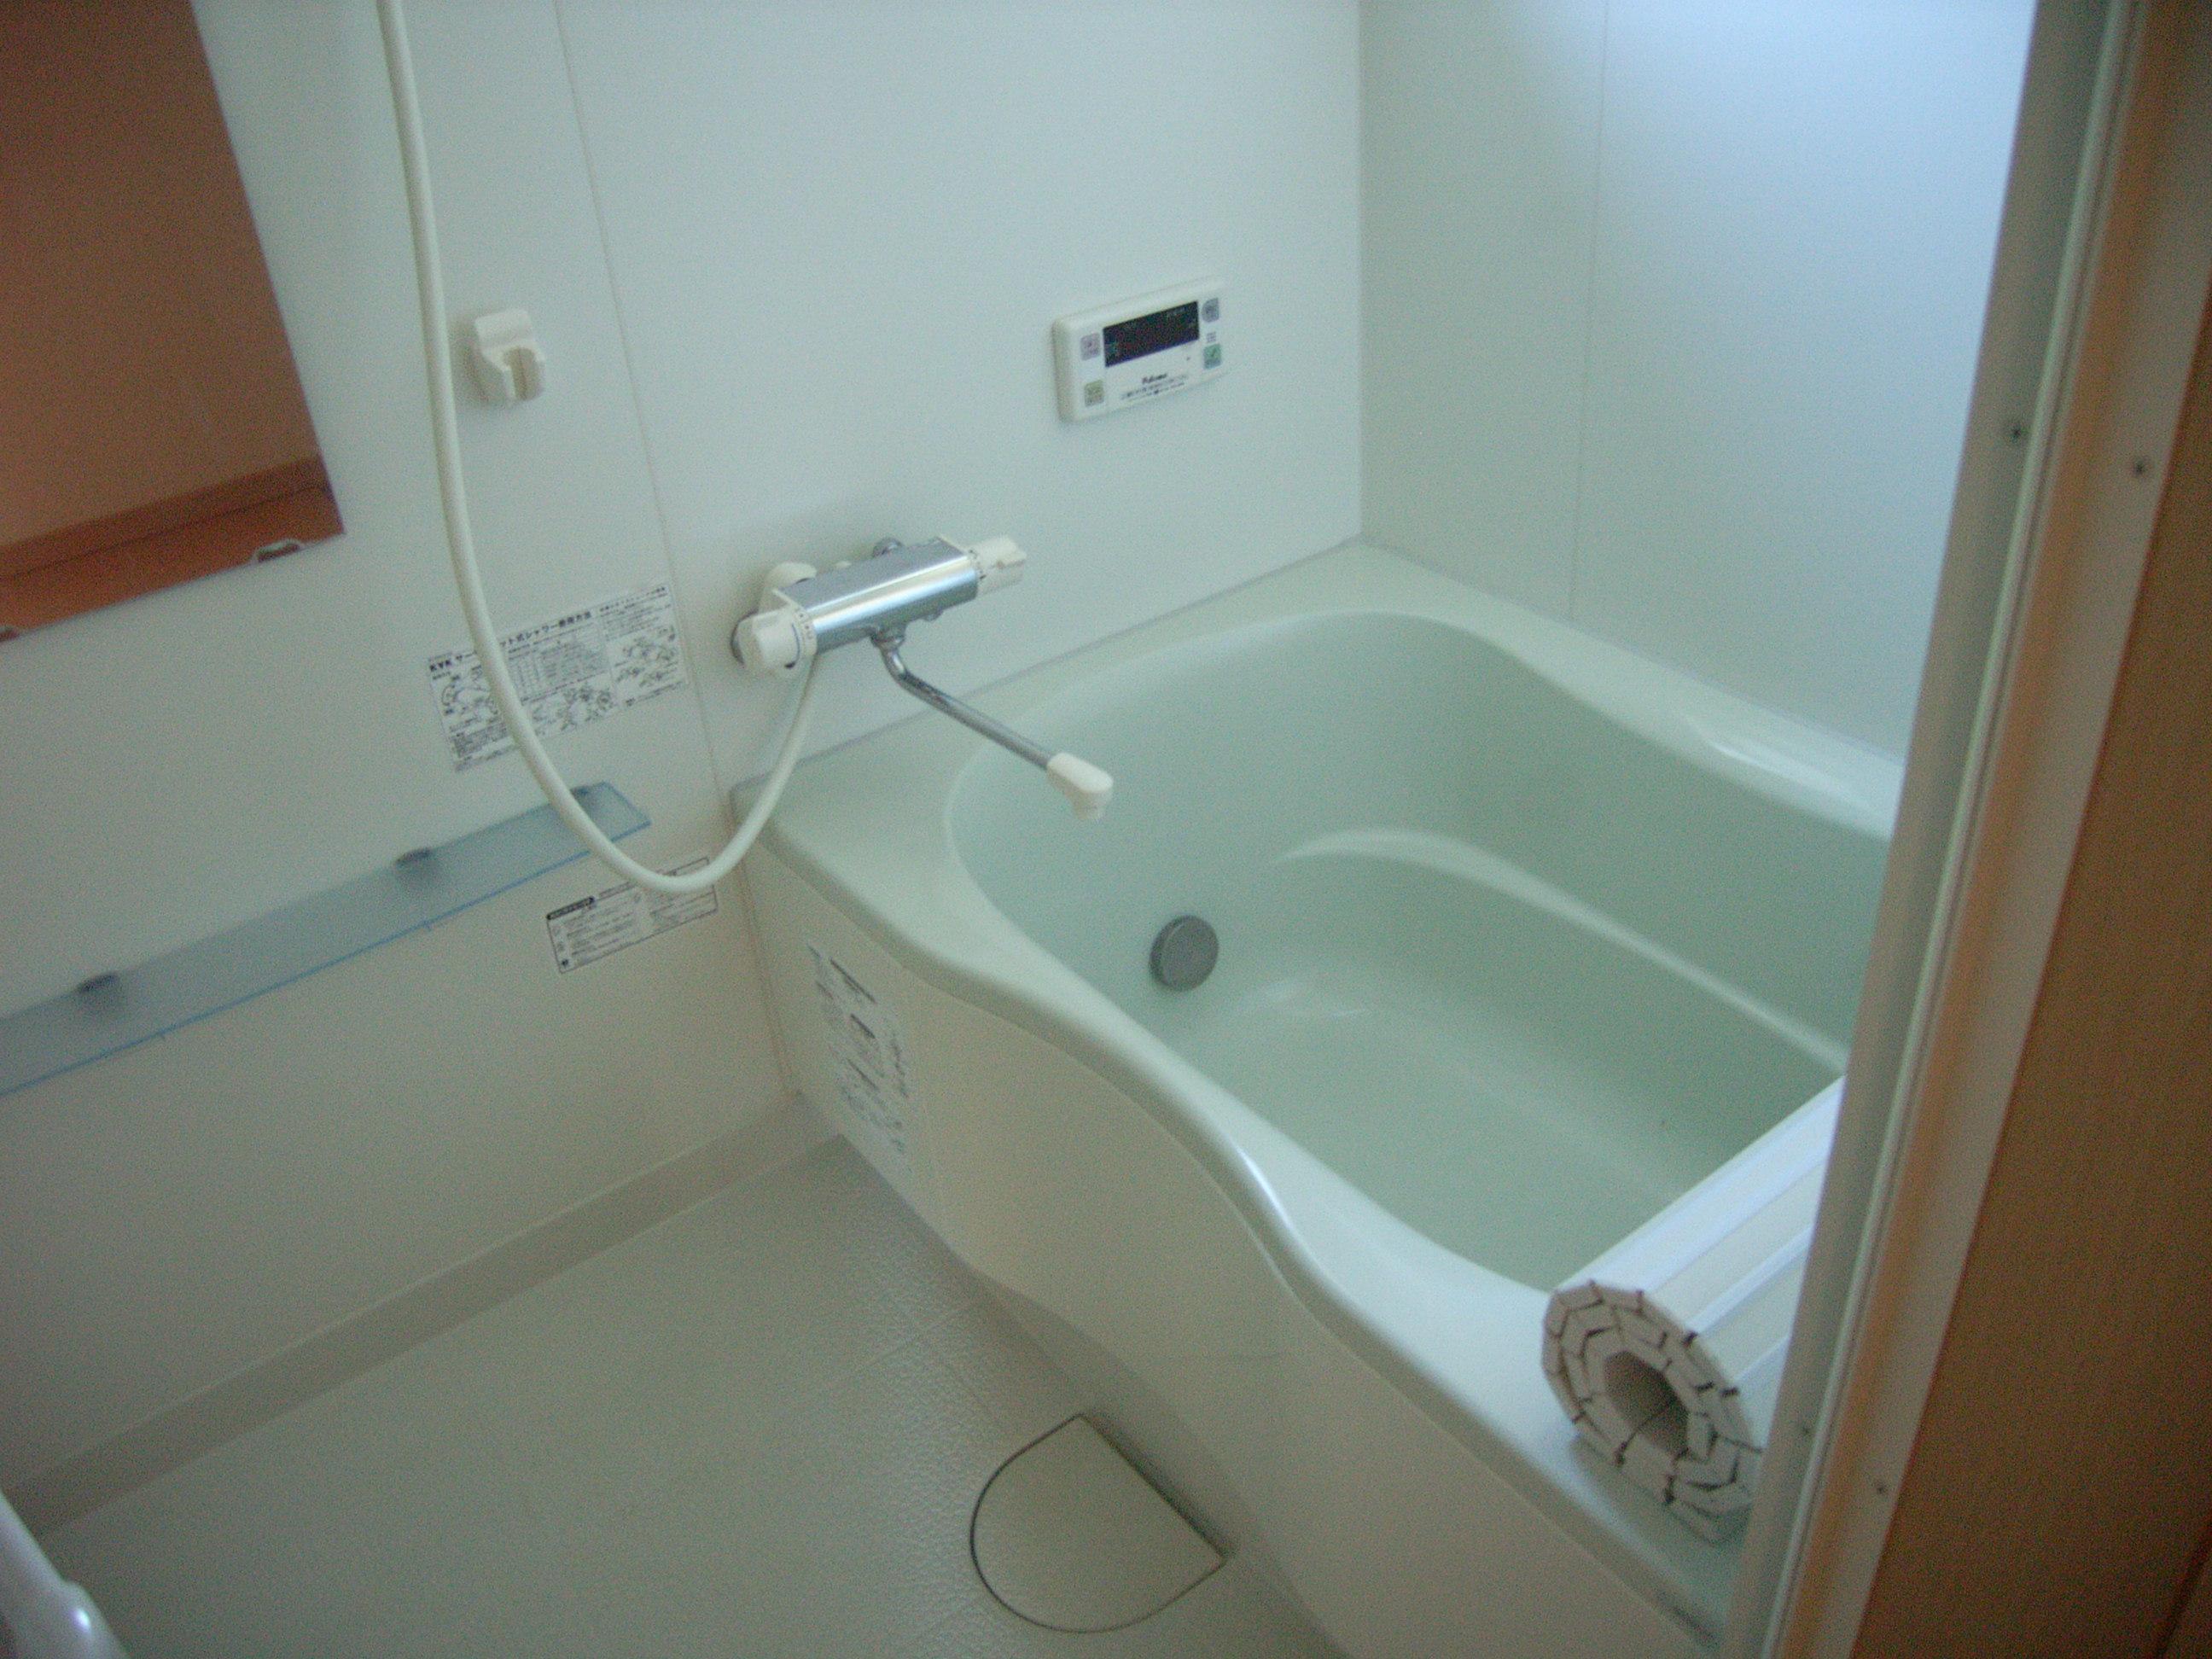 追い焚き出来ないお風呂、どうする?便利なお風呂の保温グッズ紹介のサムネイル画像